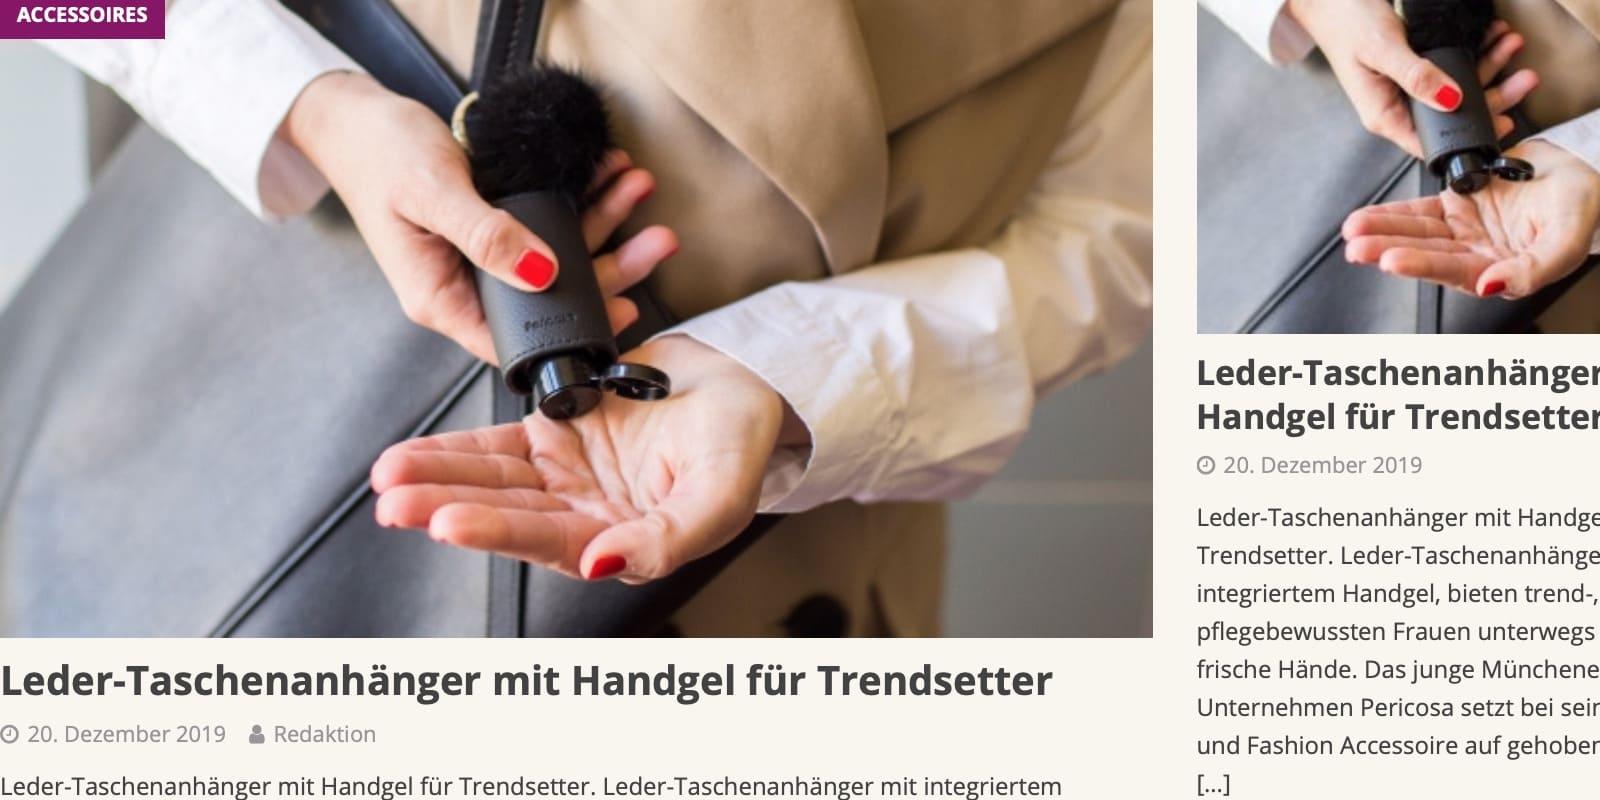 Hygiene Hand Gel parfuemerienachrichten Trend